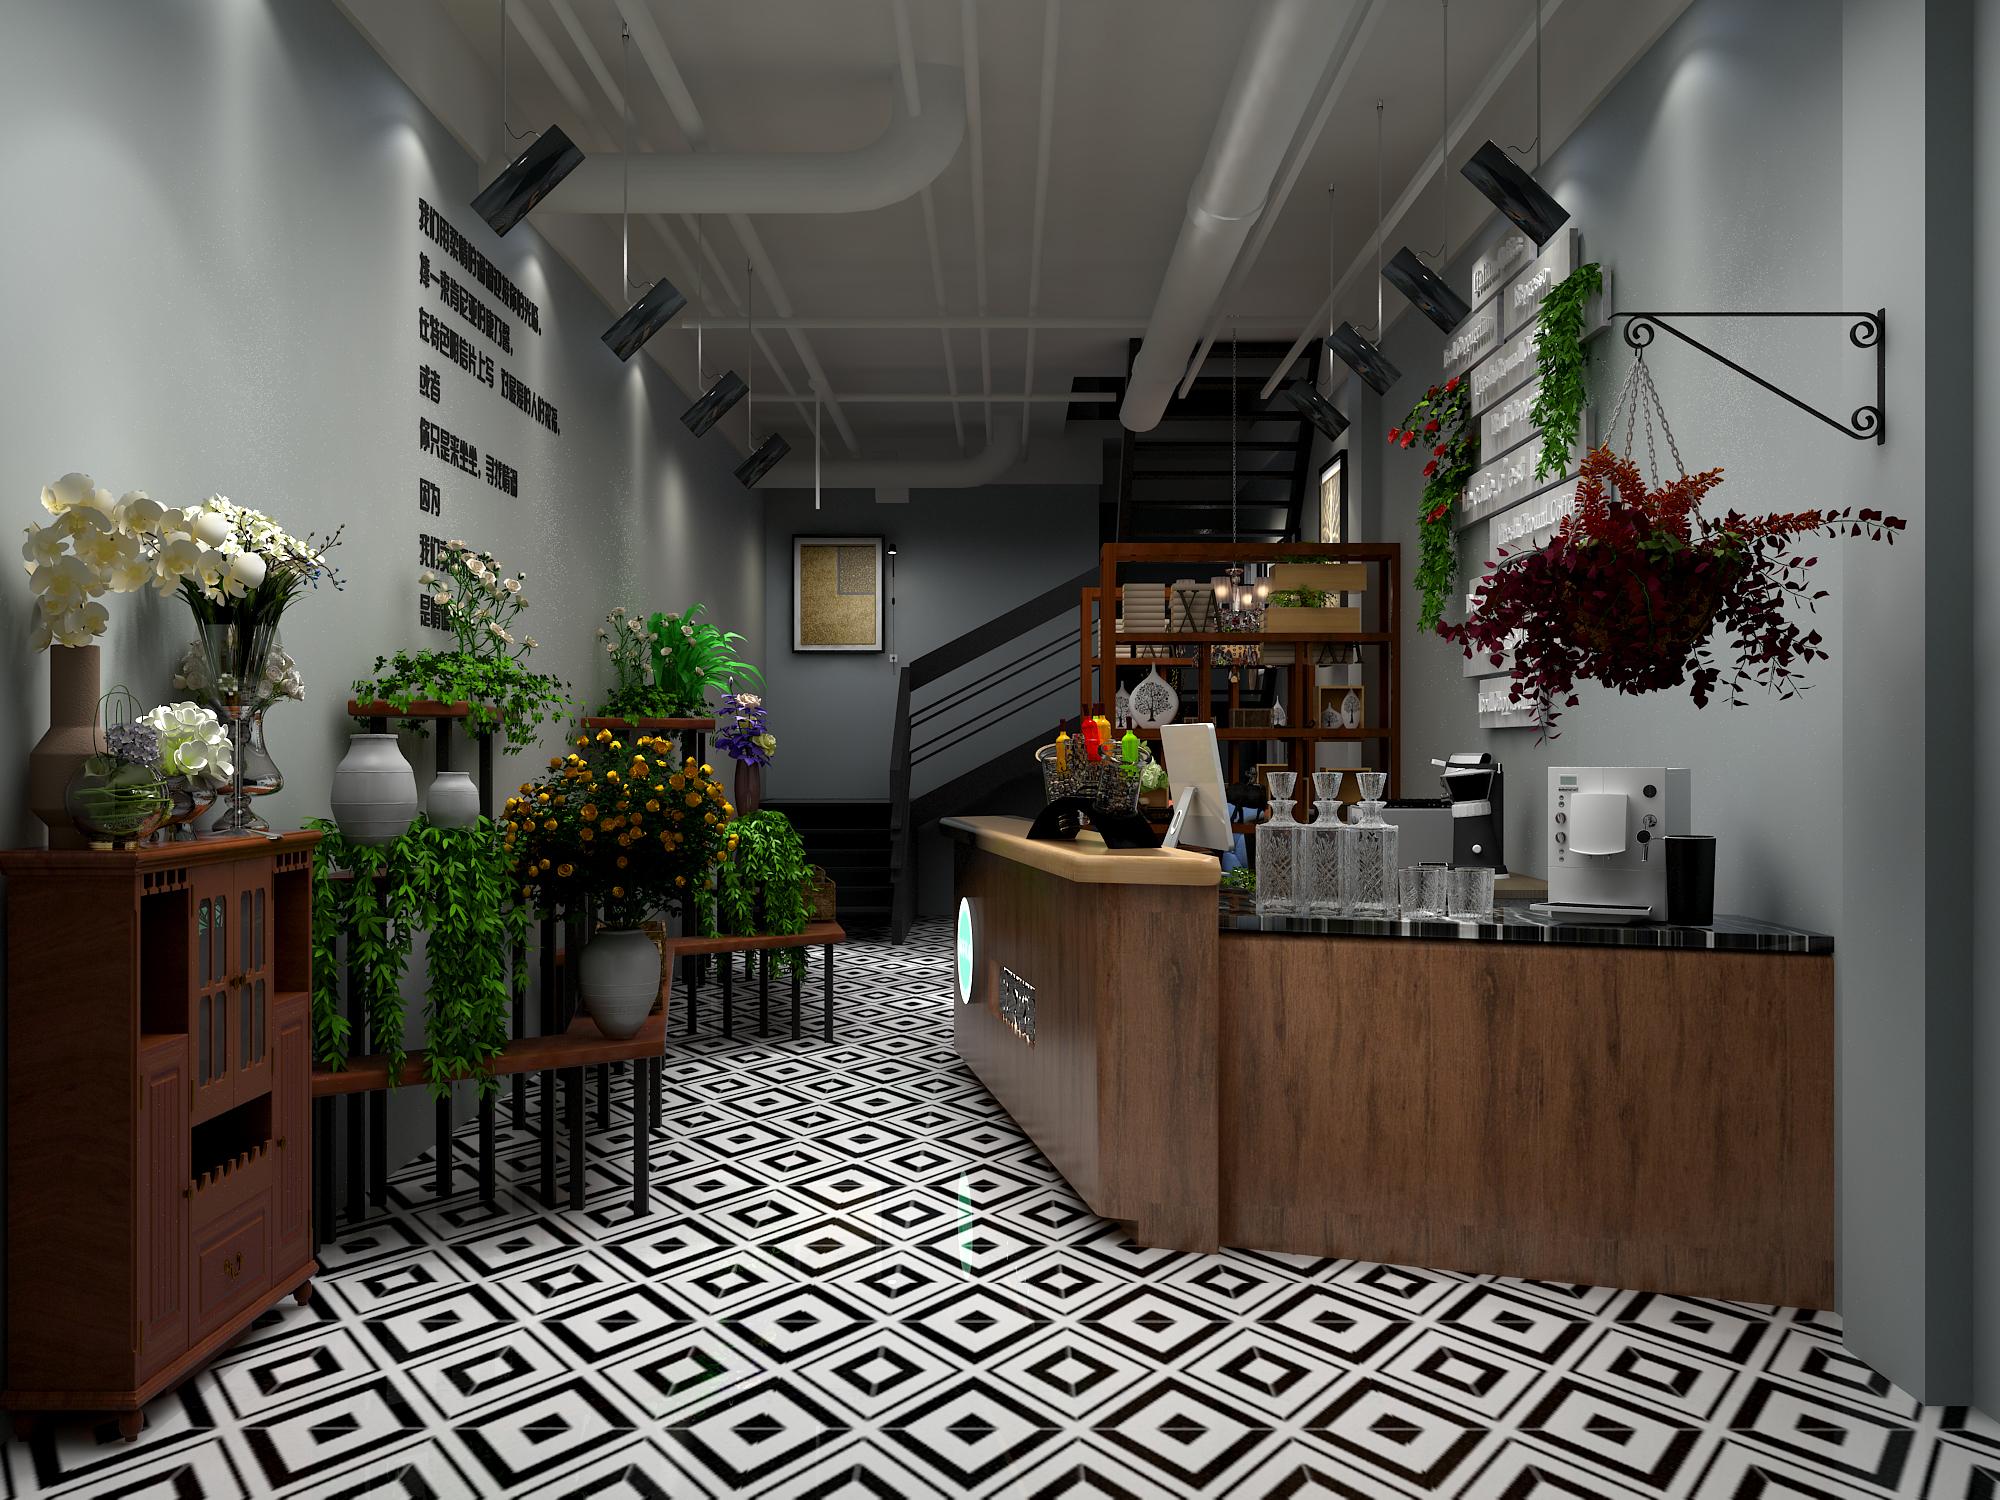 咖啡店,花店装修设计效果图制作连锁店设计